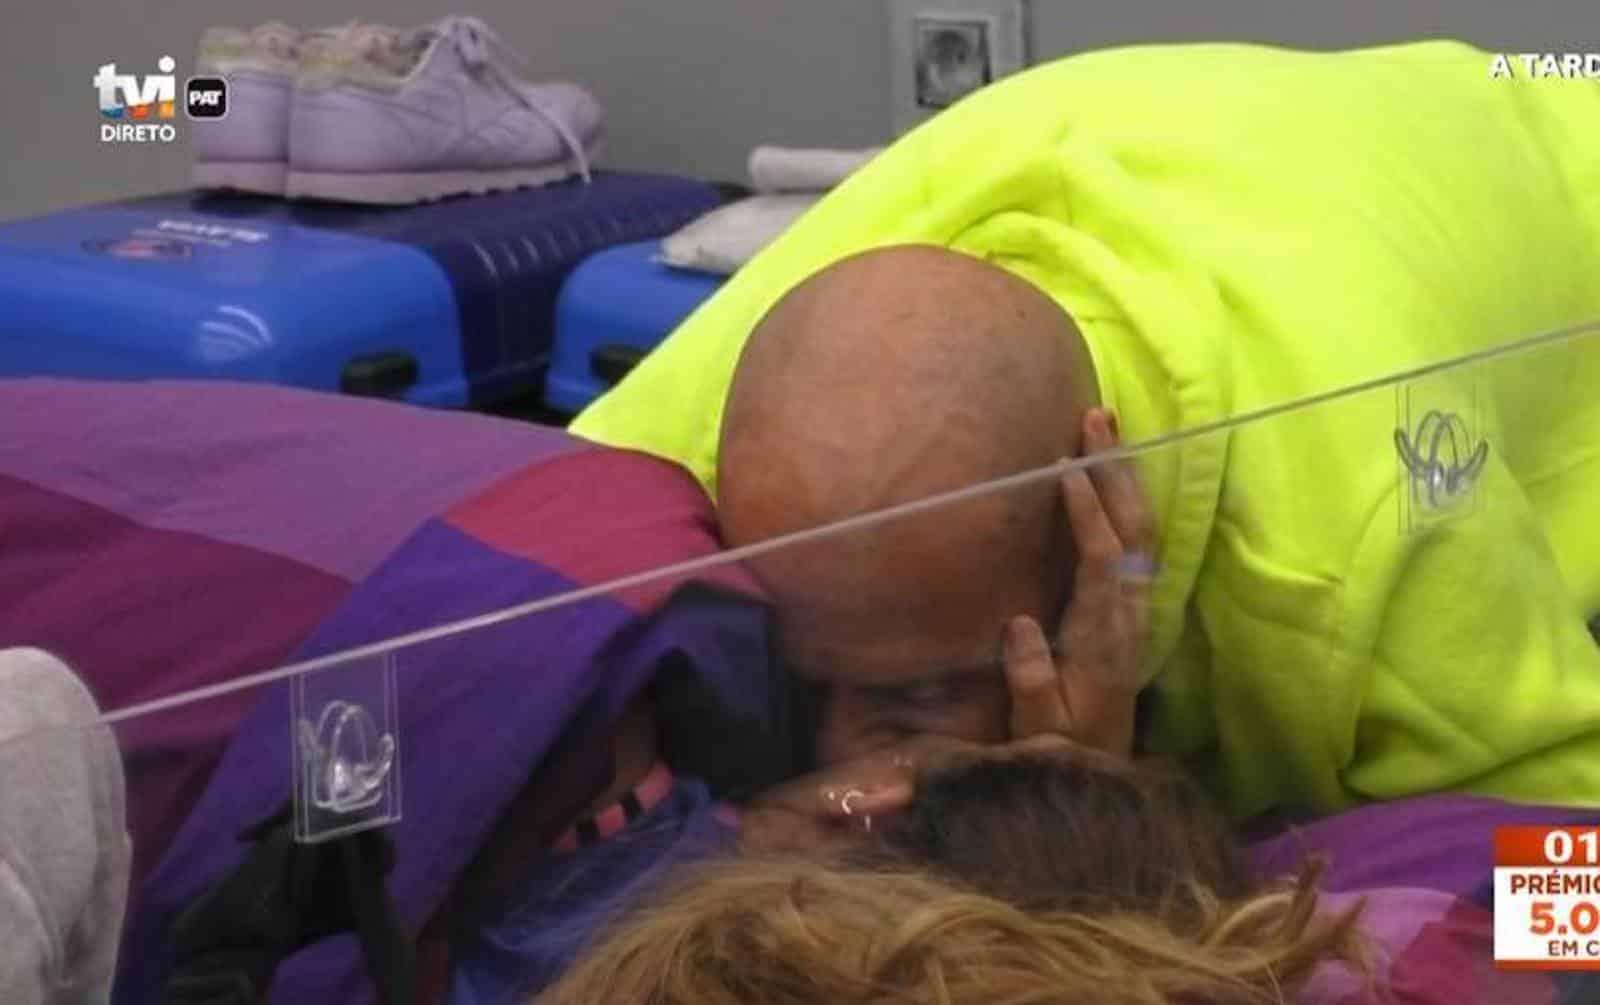 Iury Daniel Monteiro Beijo Big Brother: Foi Este O Motivo Que Irritou A Mãe De Iury?